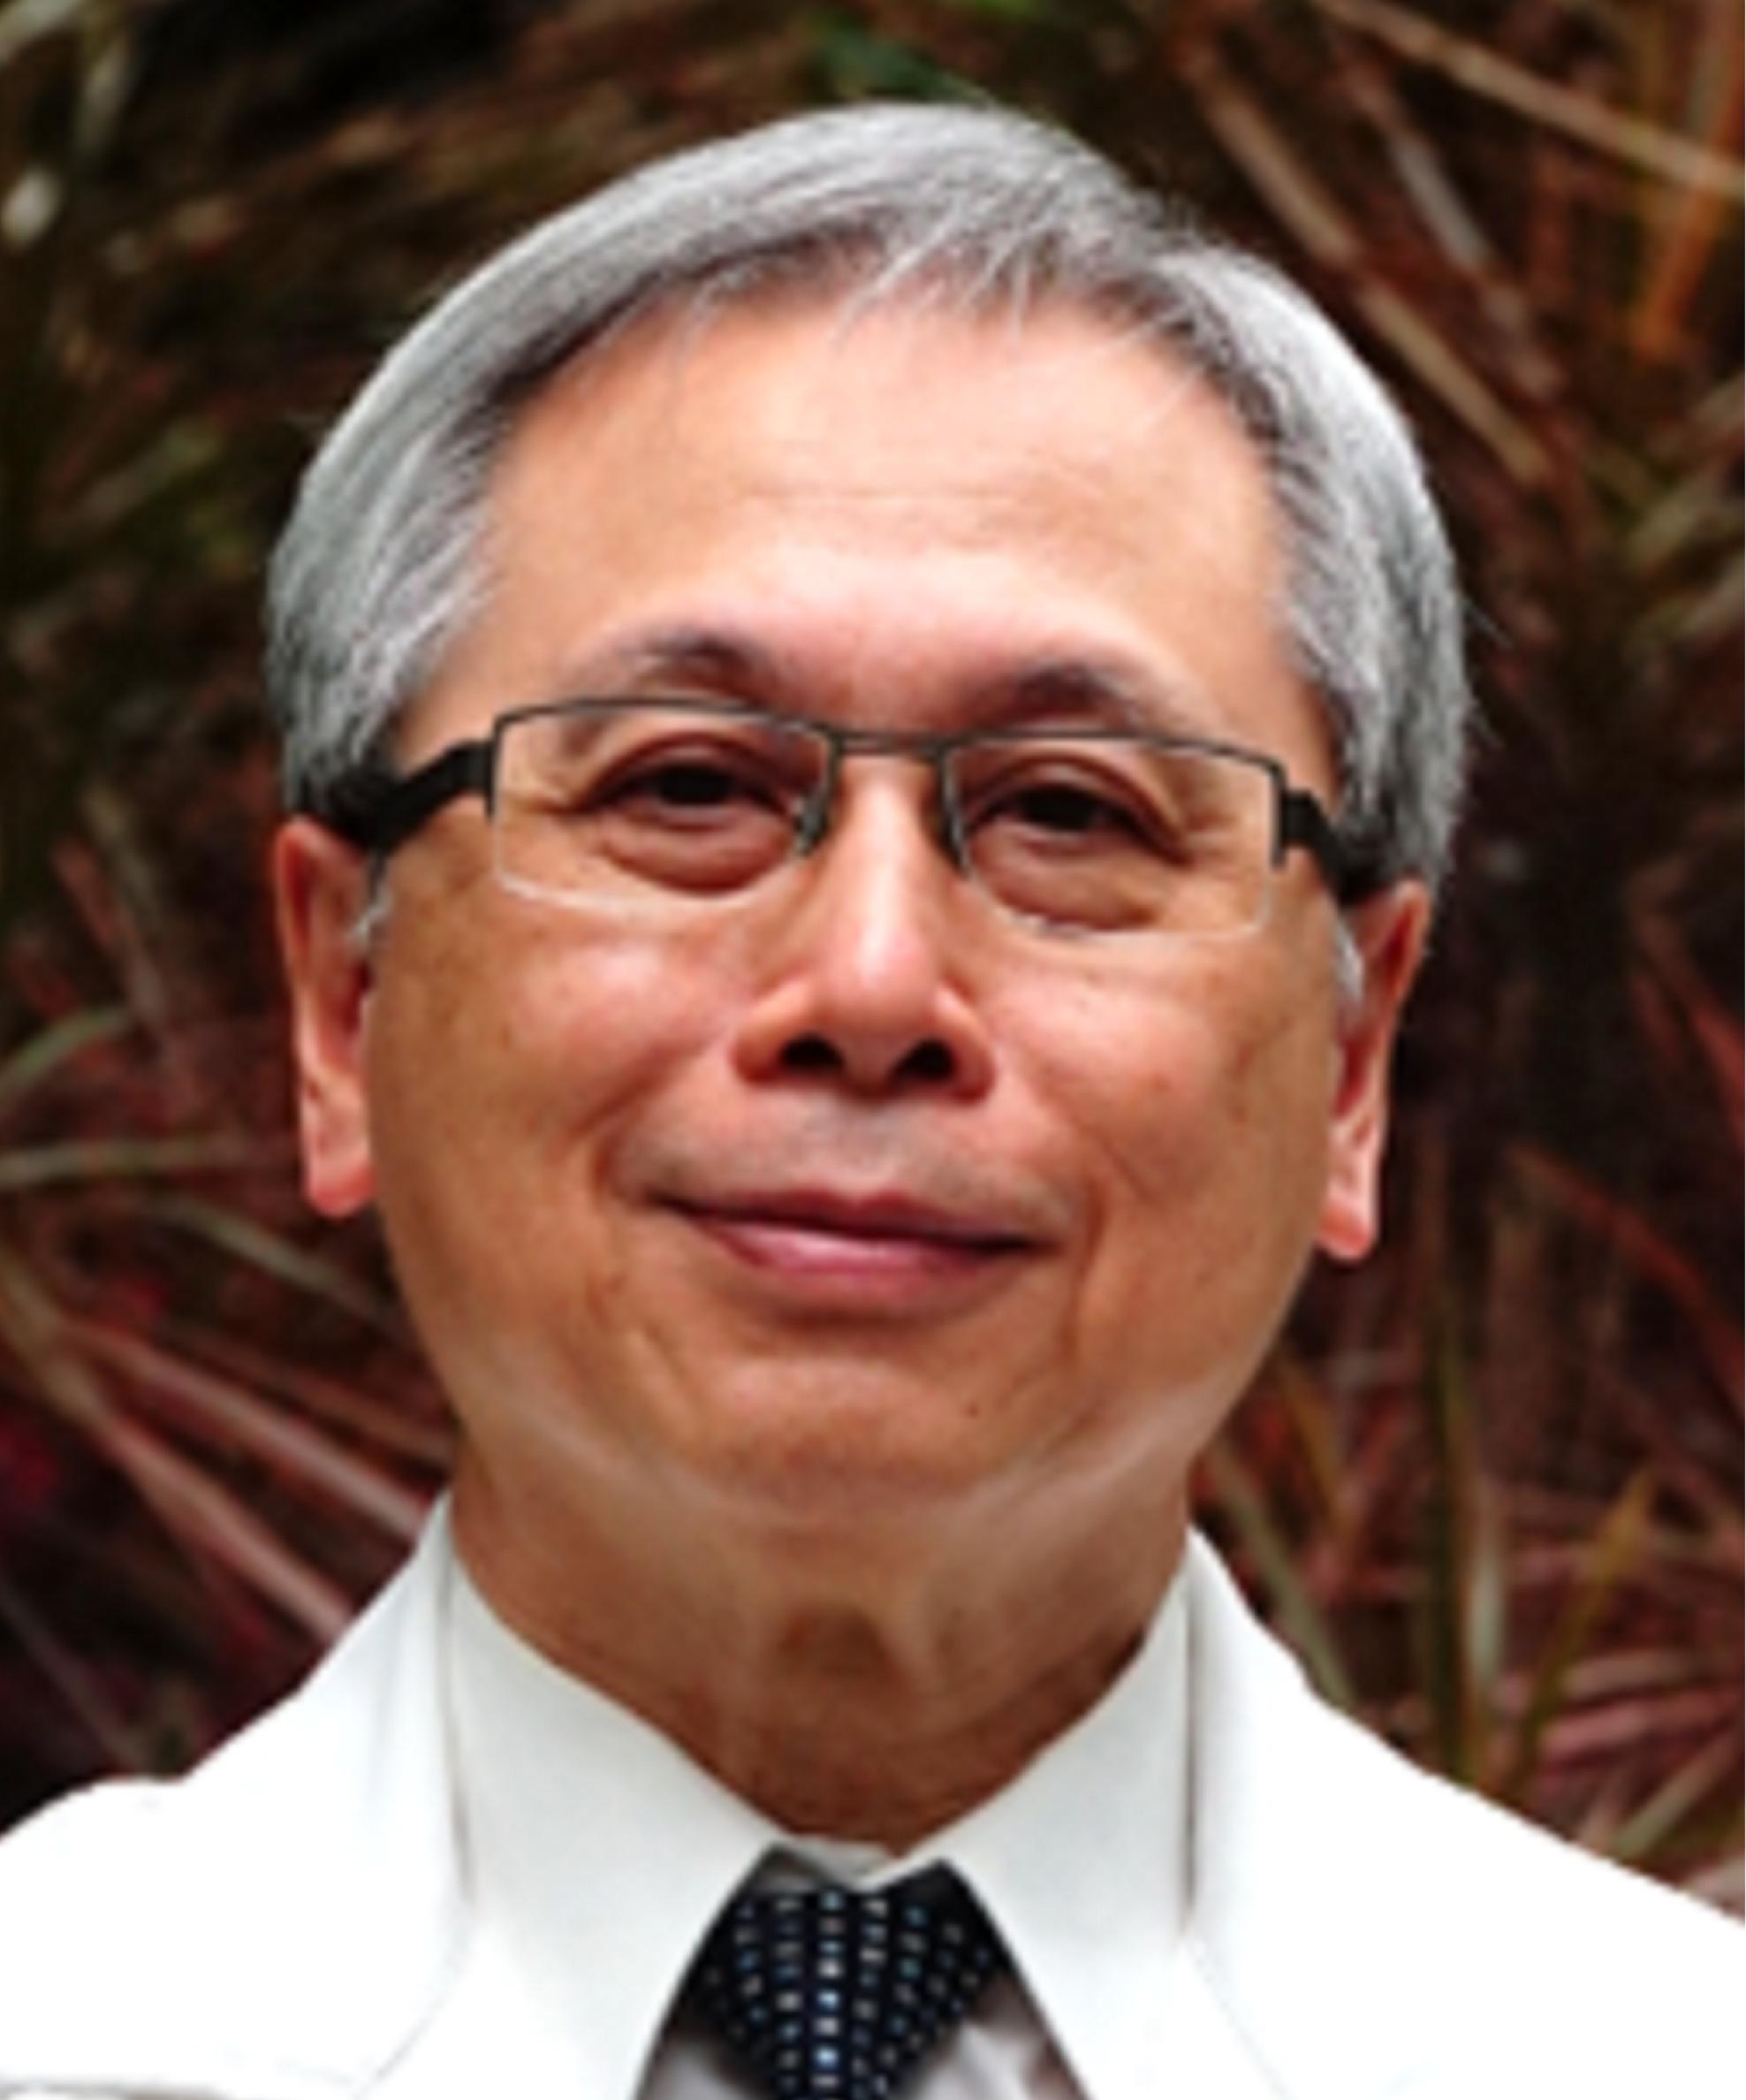 Wang Ying Wei